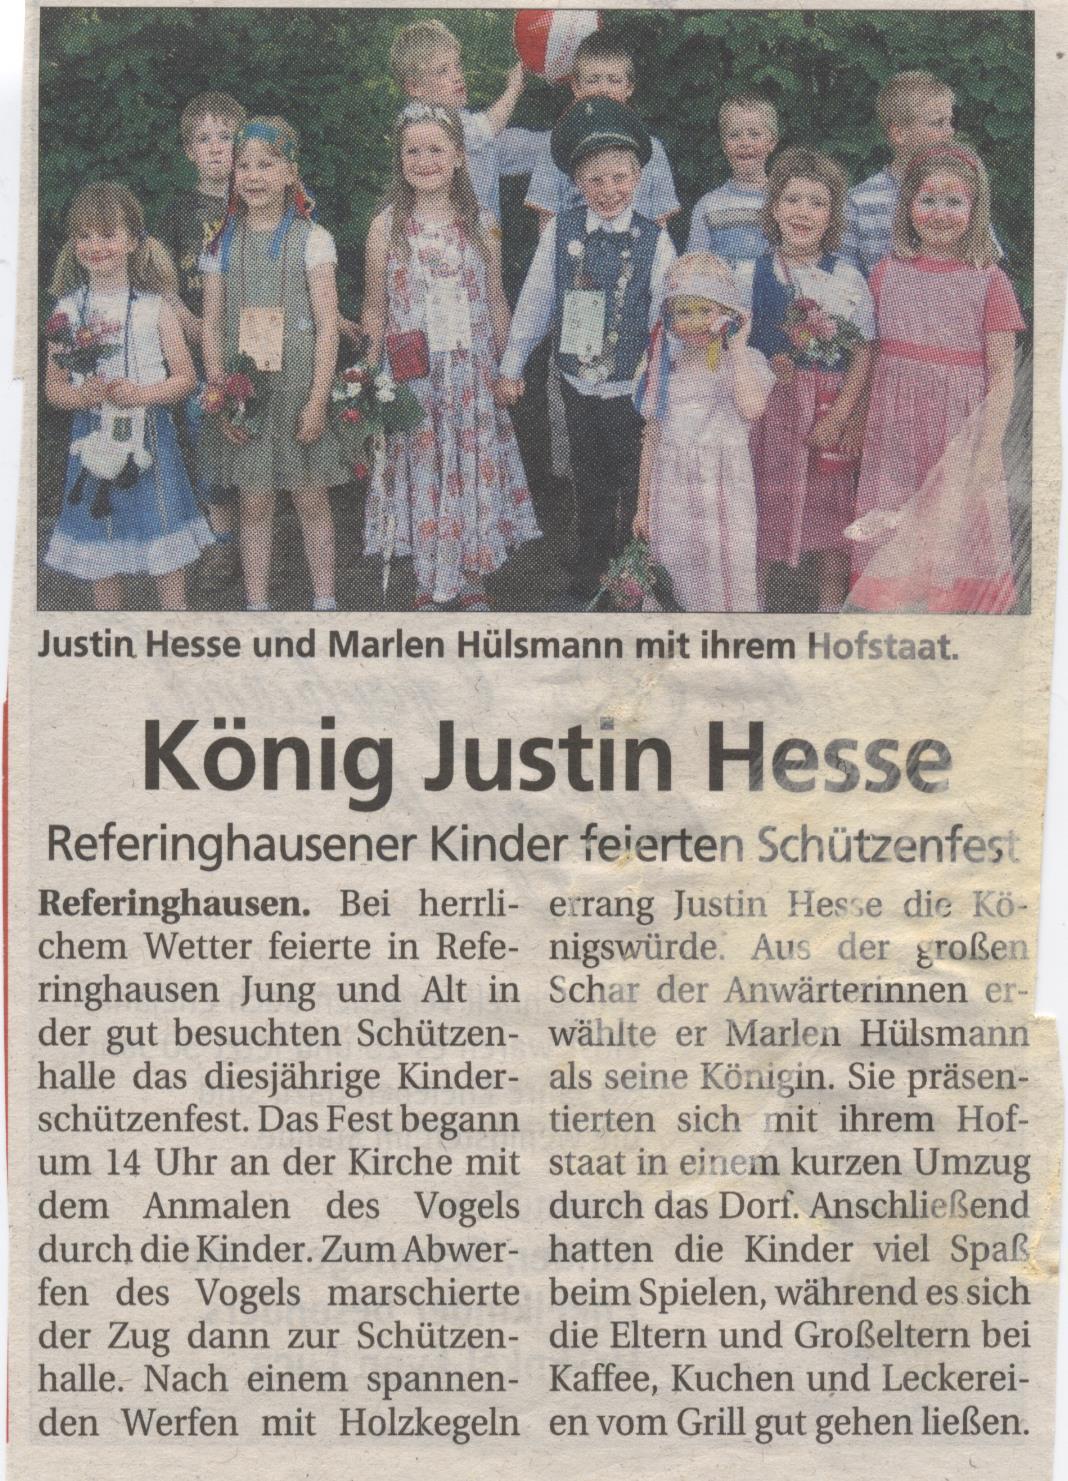 Kinderschützenkönigspaar Justin und Marlen